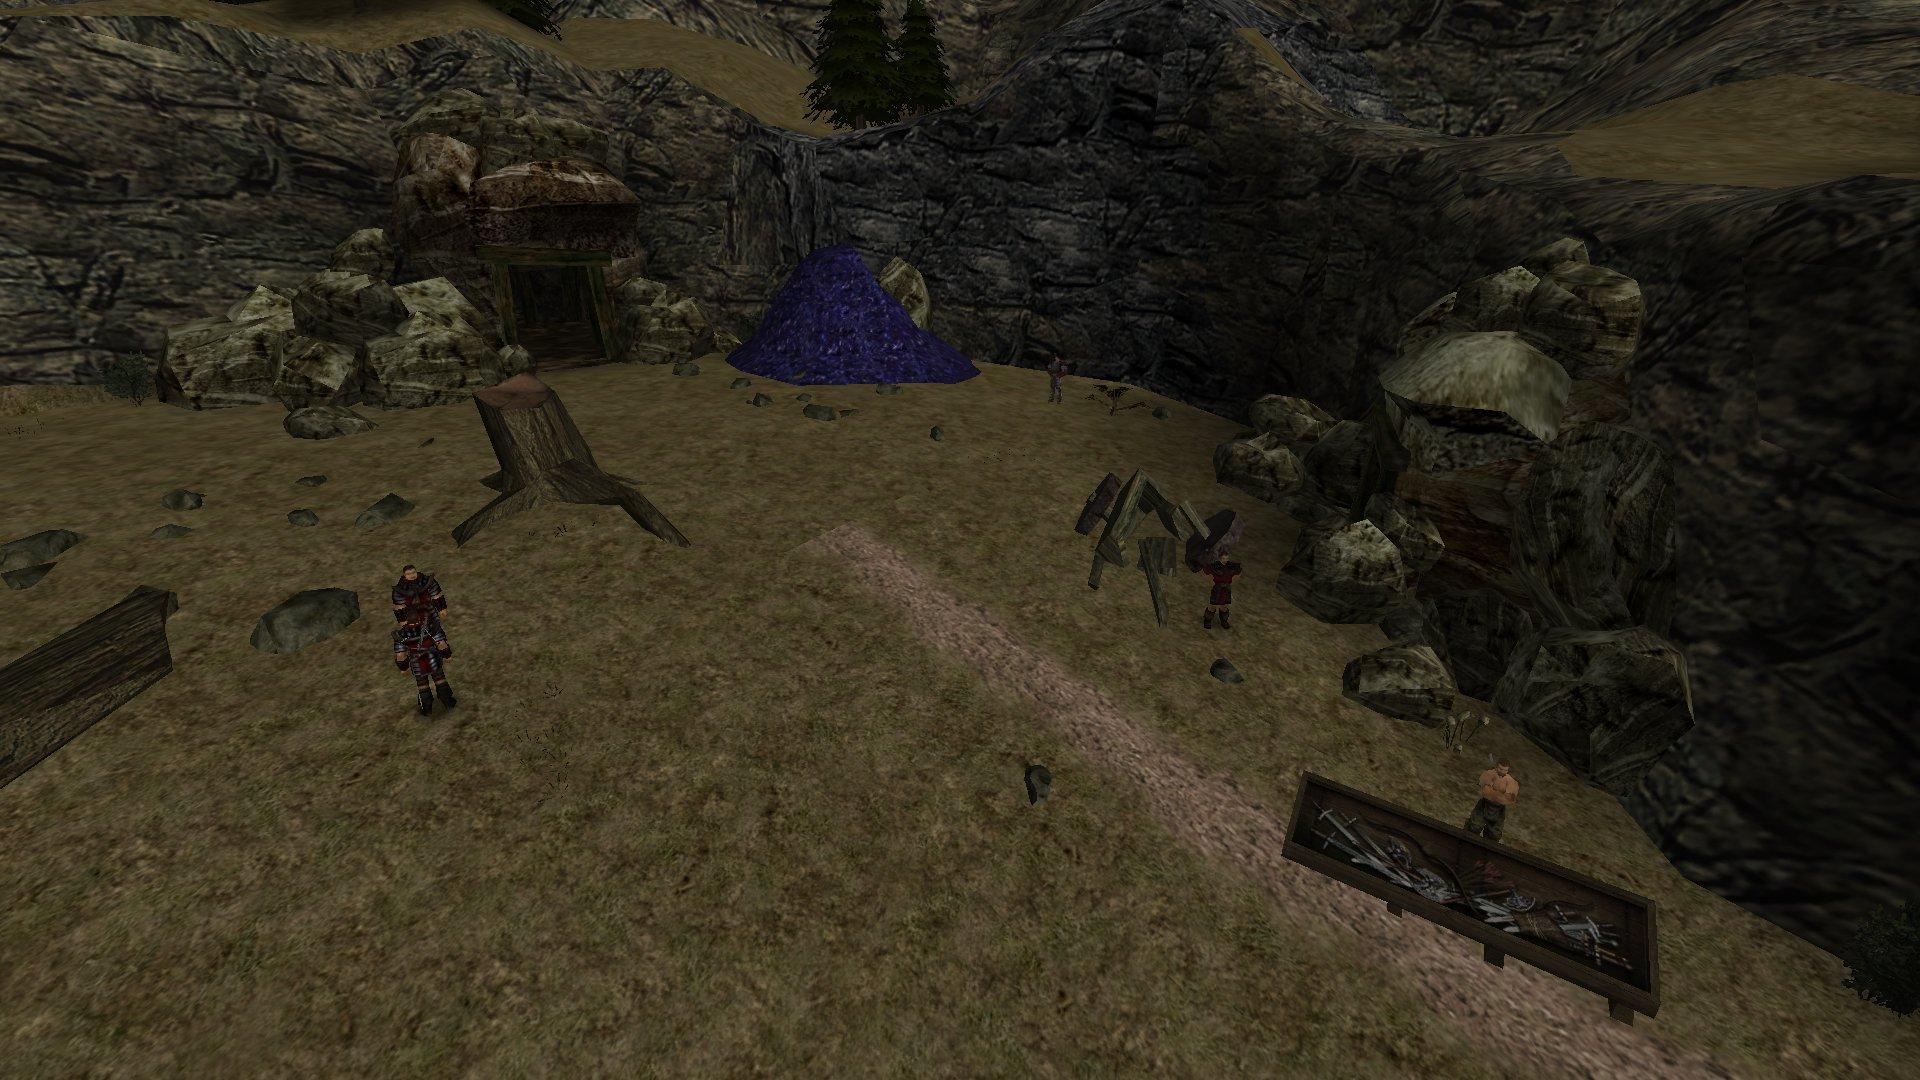 Gothic 2 Mod - Die Garde - Die Garde beim Erzhaufen